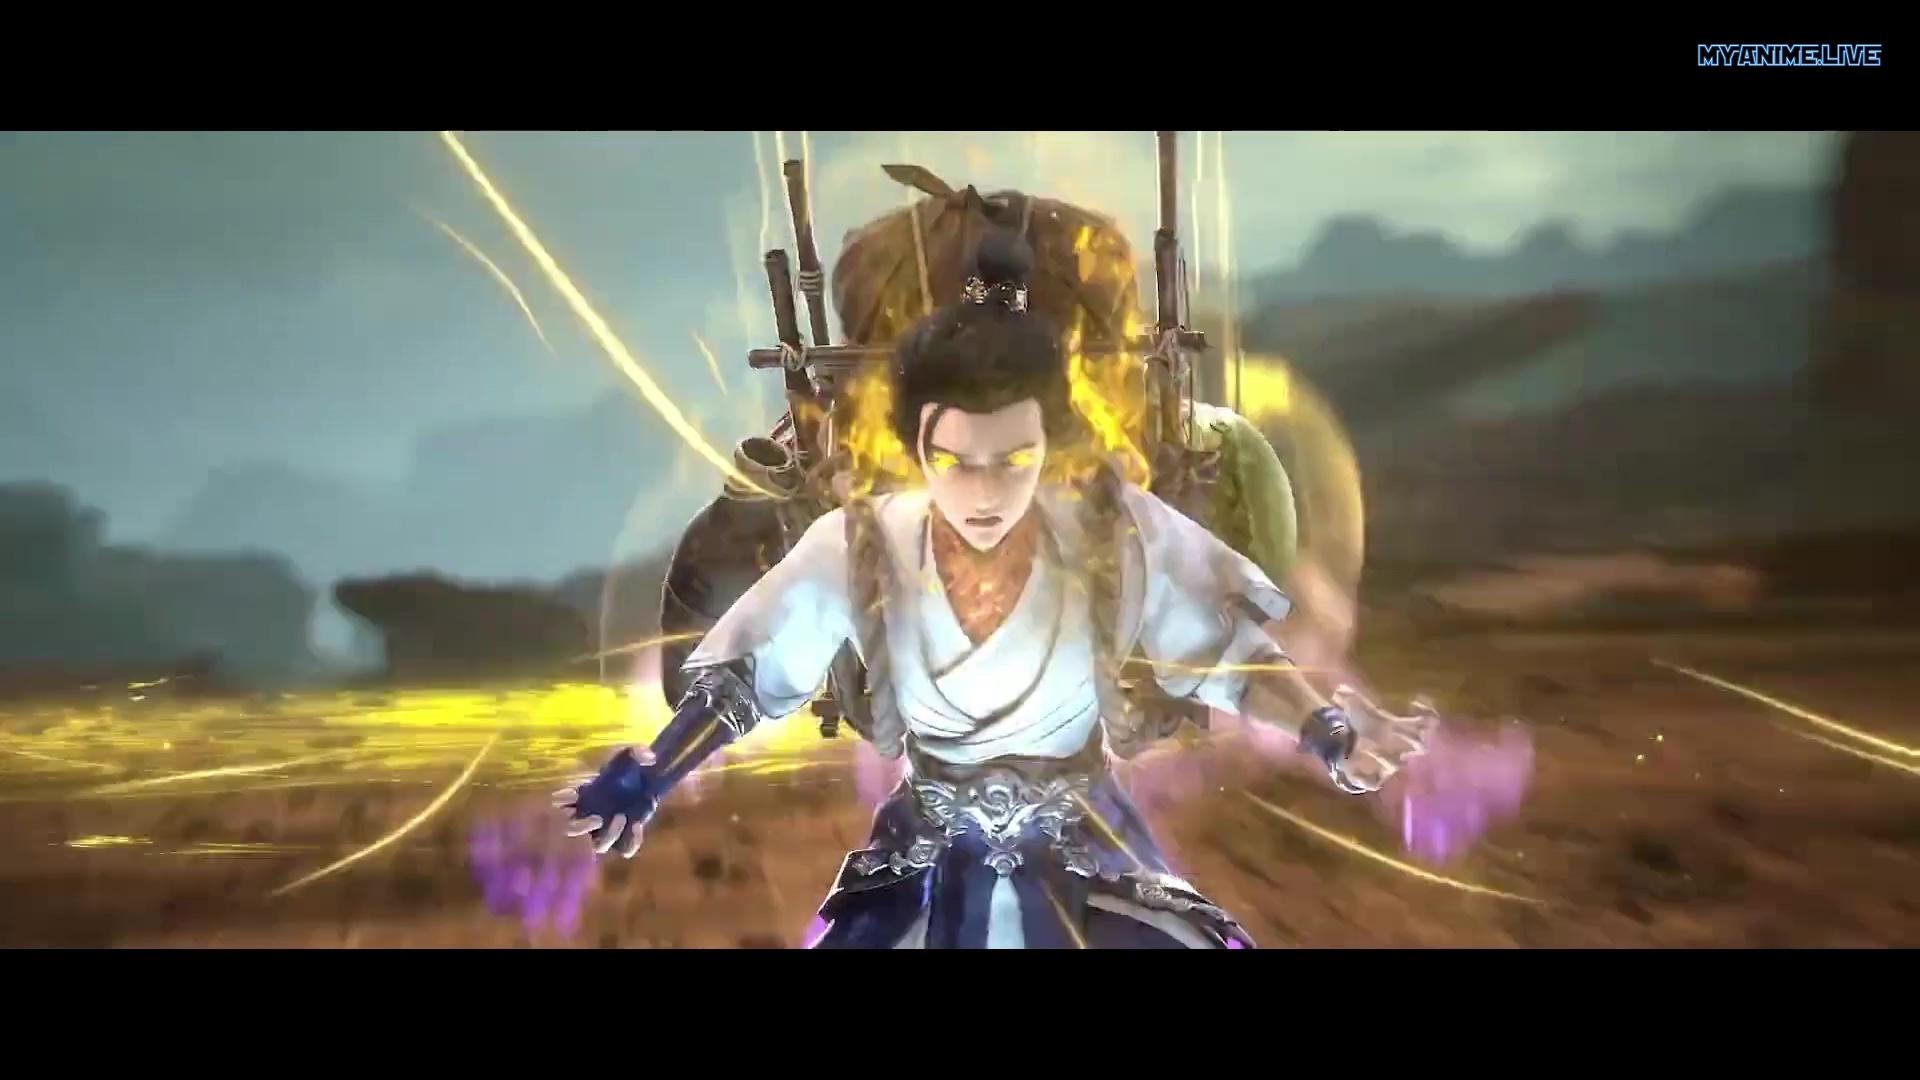 Wanmei Shijie - Perfect World Episode 22 english sub